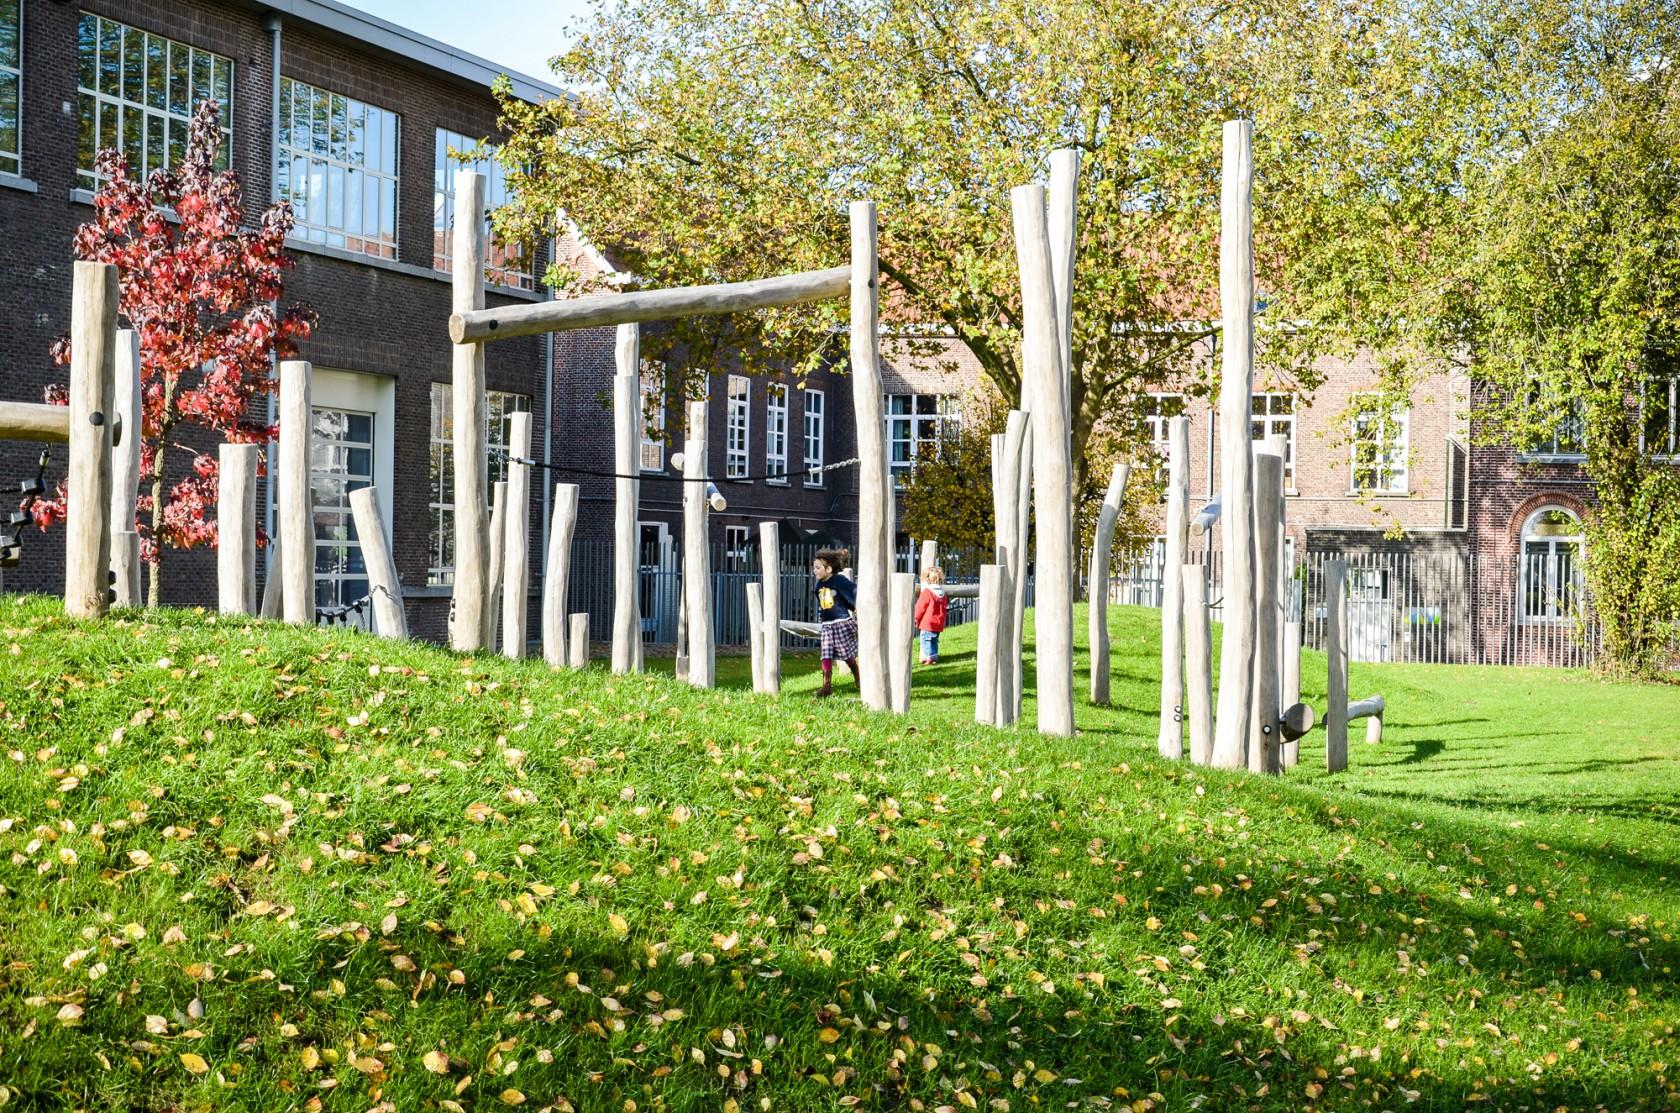 Abscis Architecten - Groene speelheuvels met een hindernissenparcours brengen het park tot leven – fotografie Abscis Architecten